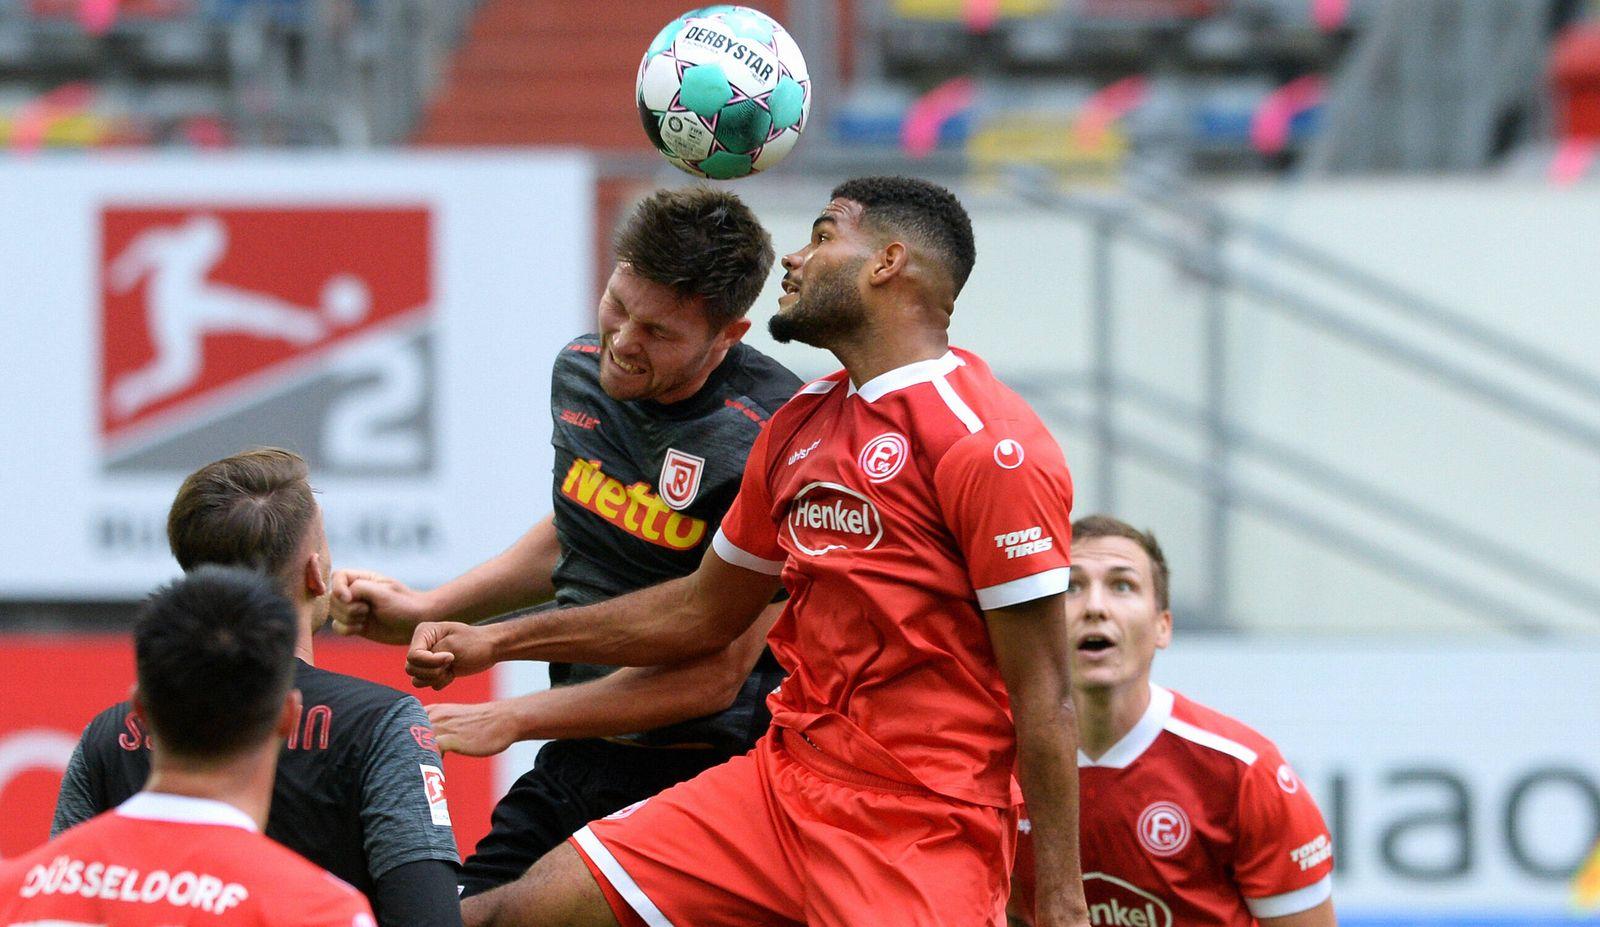 Fussball, Bundesliga, Deutschland, Herren, Saison 2020/2021, 4. Spieltag, Merkur-Spiel-Arena Düsseldorf, Fortuna Düssel